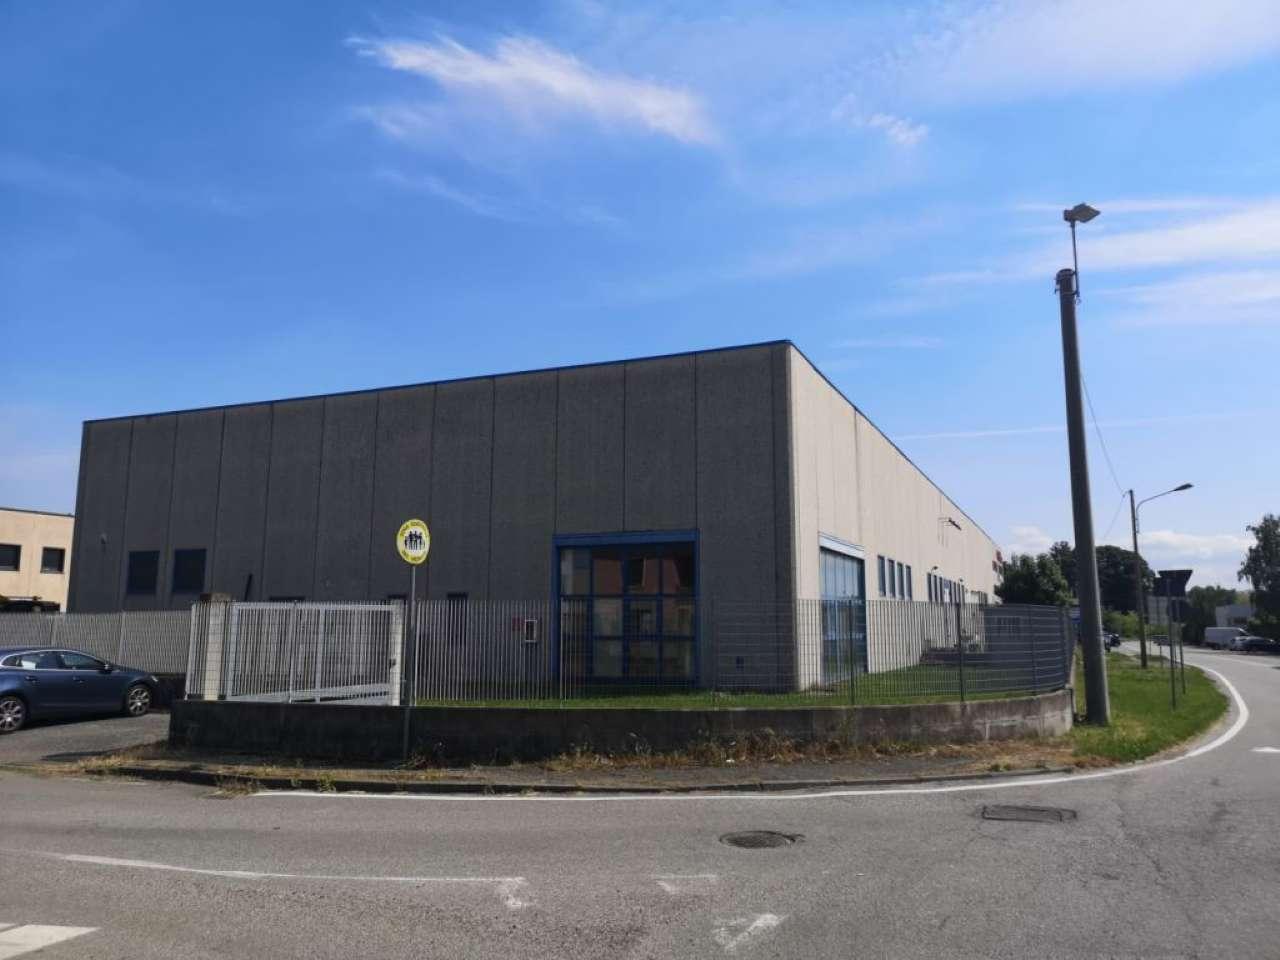 Capannone in vendita a Fagnano Olona, 9999 locali, prezzo € 320.000 | PortaleAgenzieImmobiliari.it